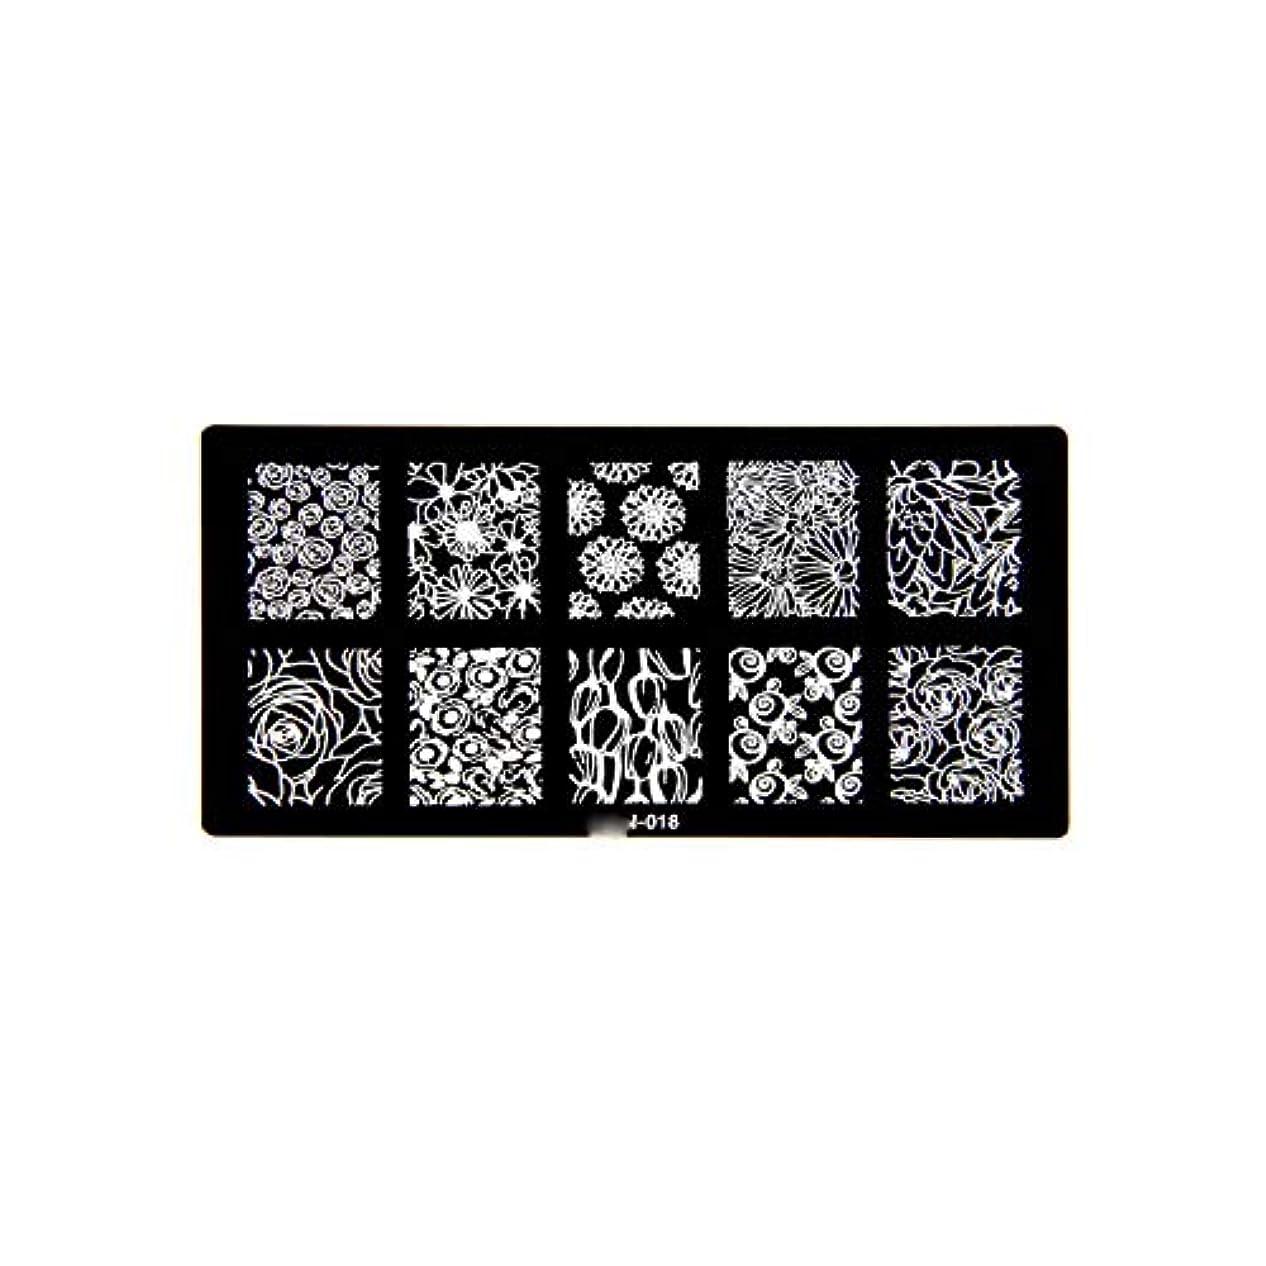 堂々たる少ない難民1ピース6 * 12センチbcnシリーズネイルスタンピングプレート画像ネイルステンシル用ネイルアートスタンプマニキュアテンプレートツール,BCN018